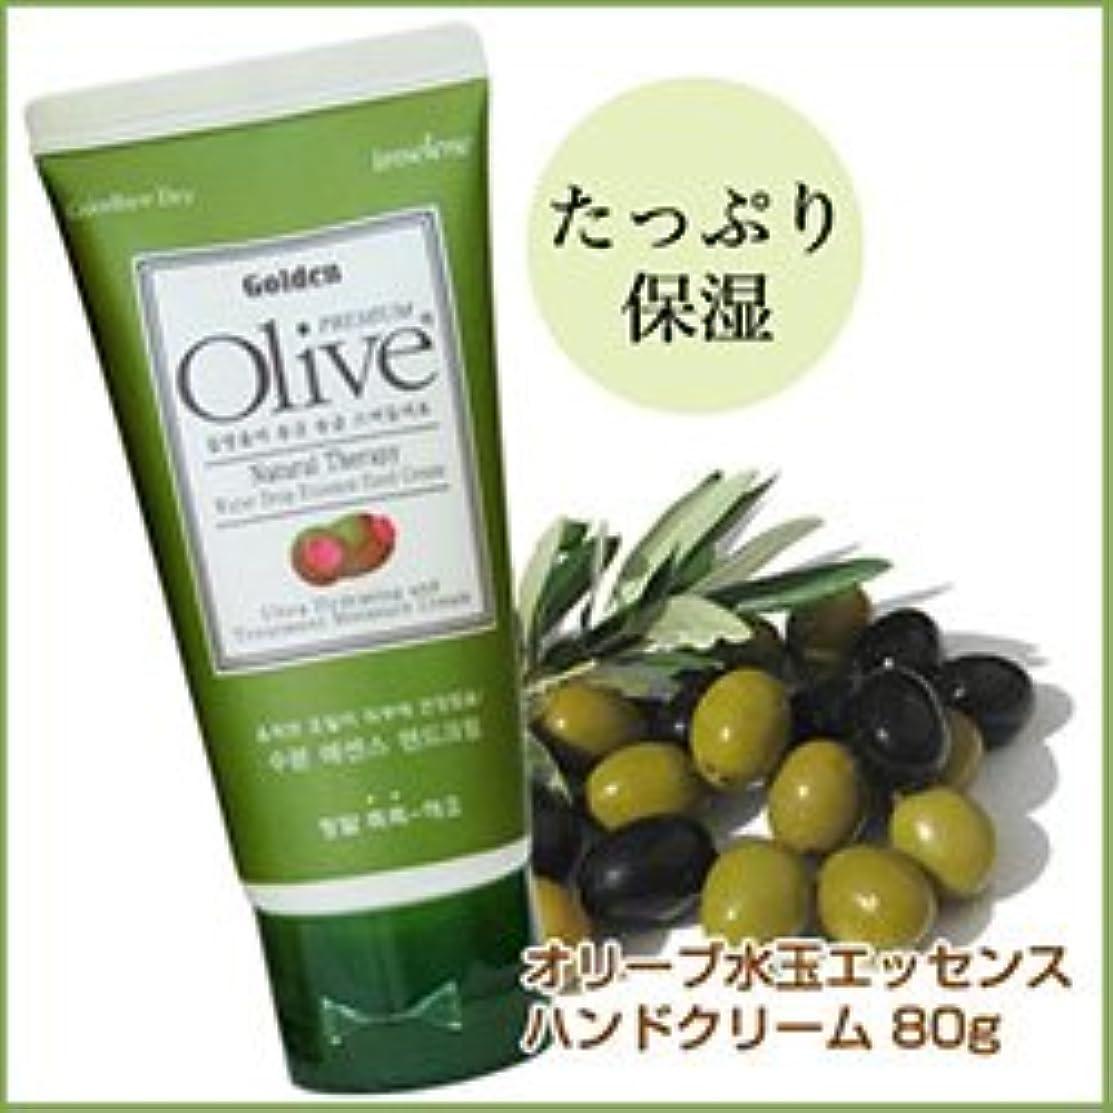 省略する送金変更【韓国コスメ】天然オリーブオイル ハンドクリーム80g